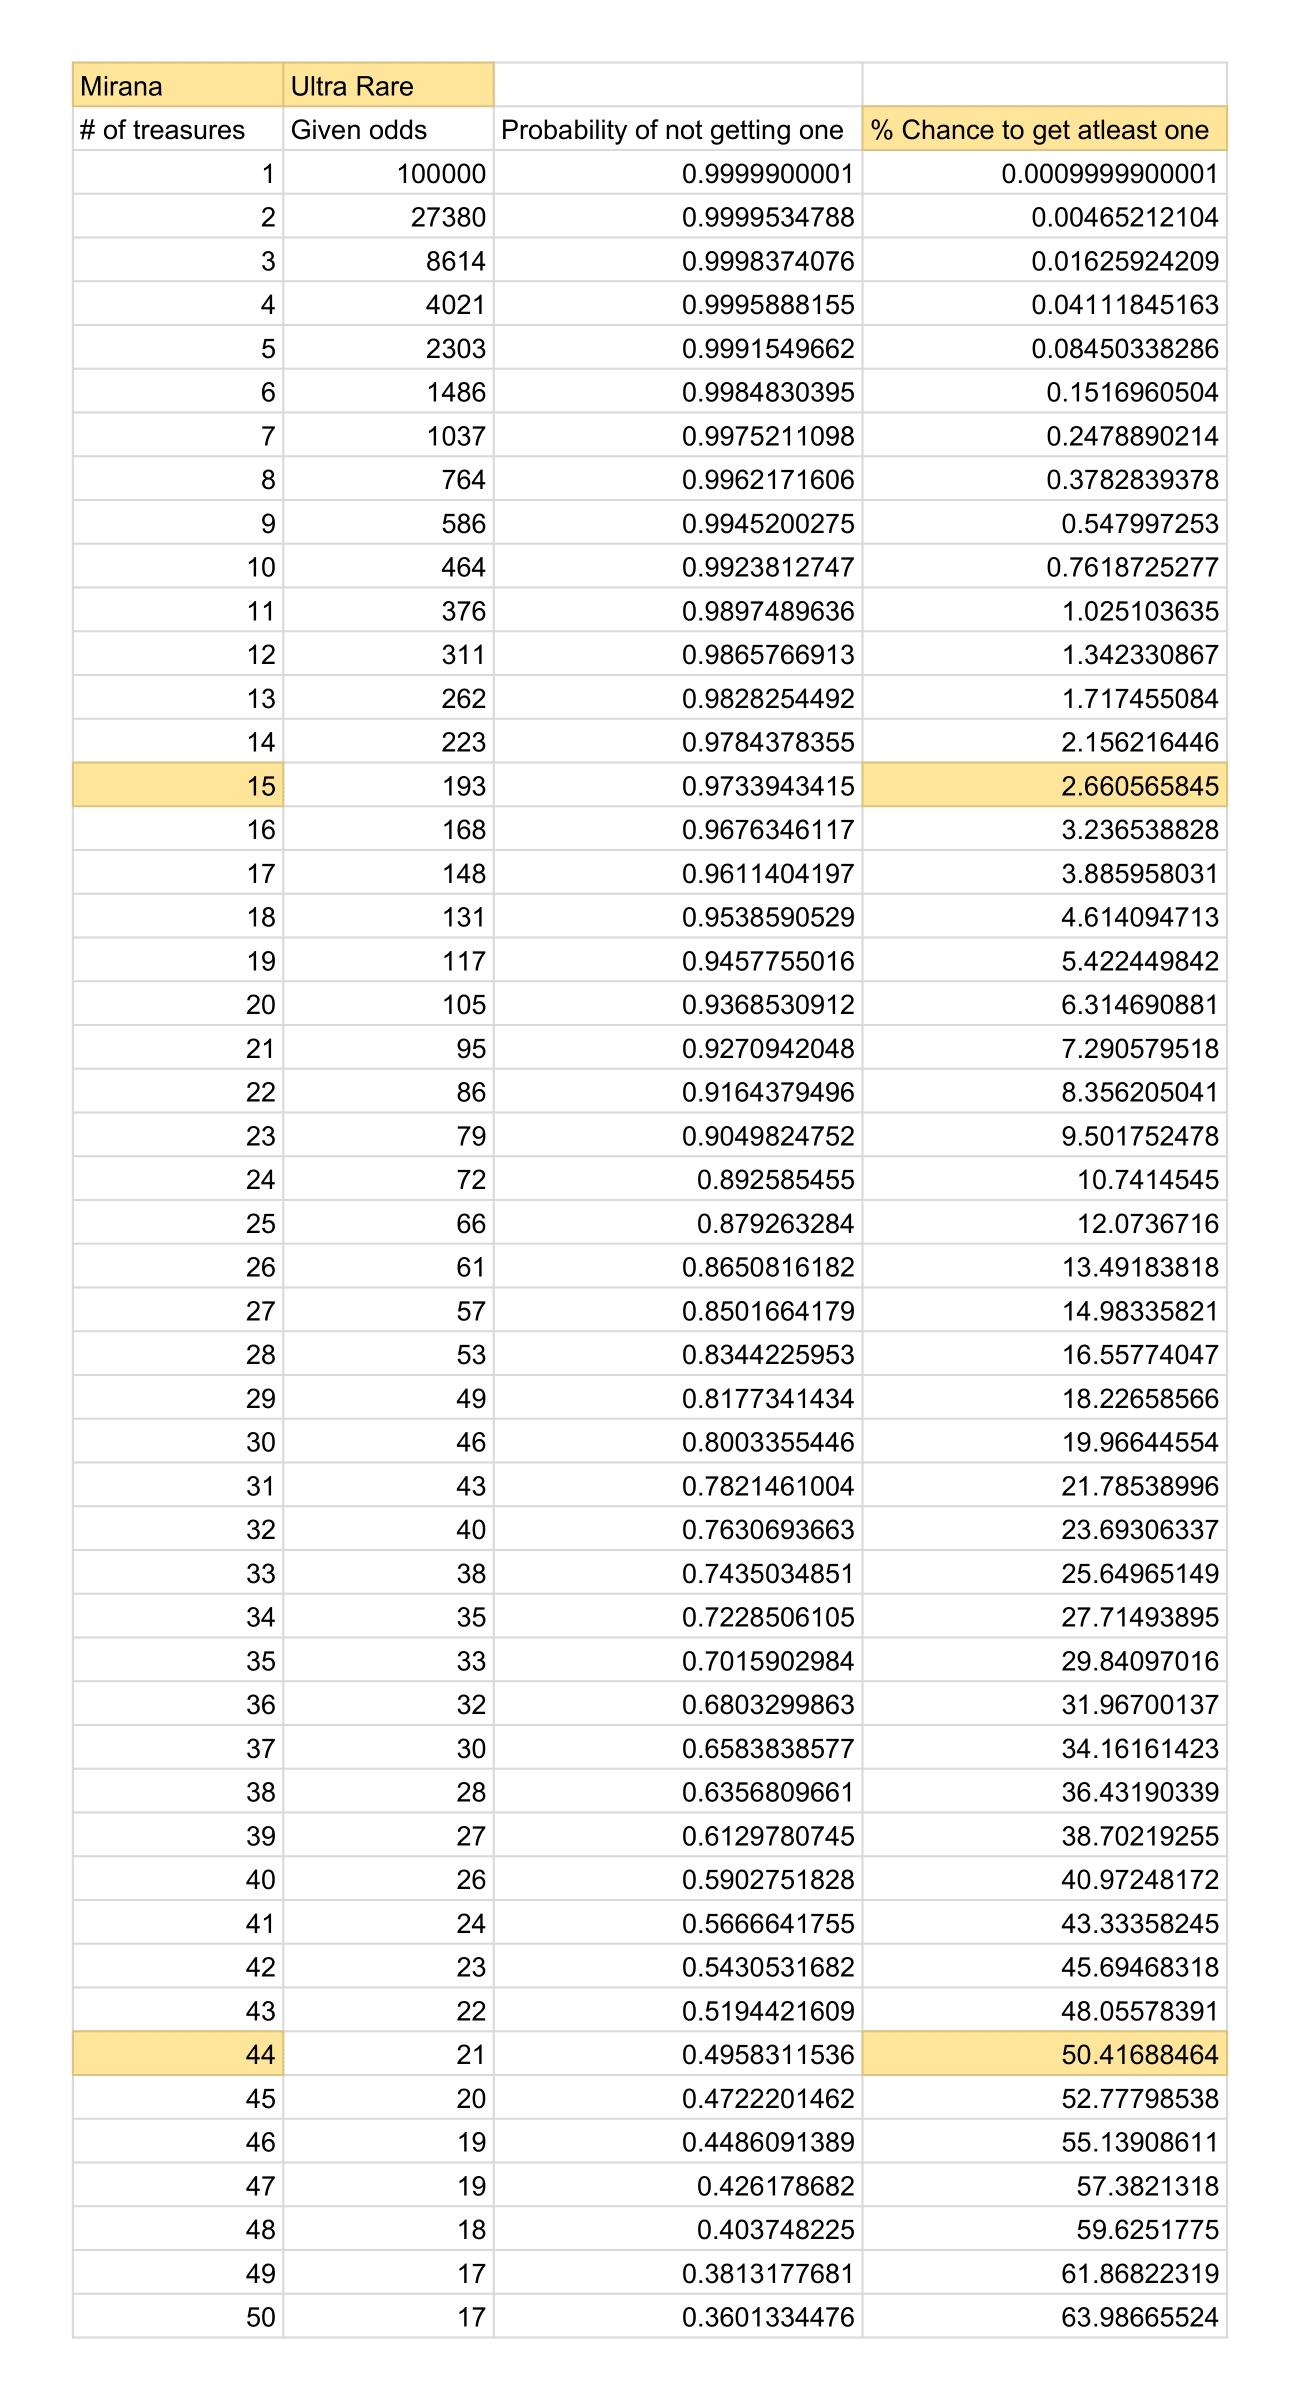 Рассчитана вероятность выпадения редких предметов из The International 2020 Collector's Cache в Dota 2